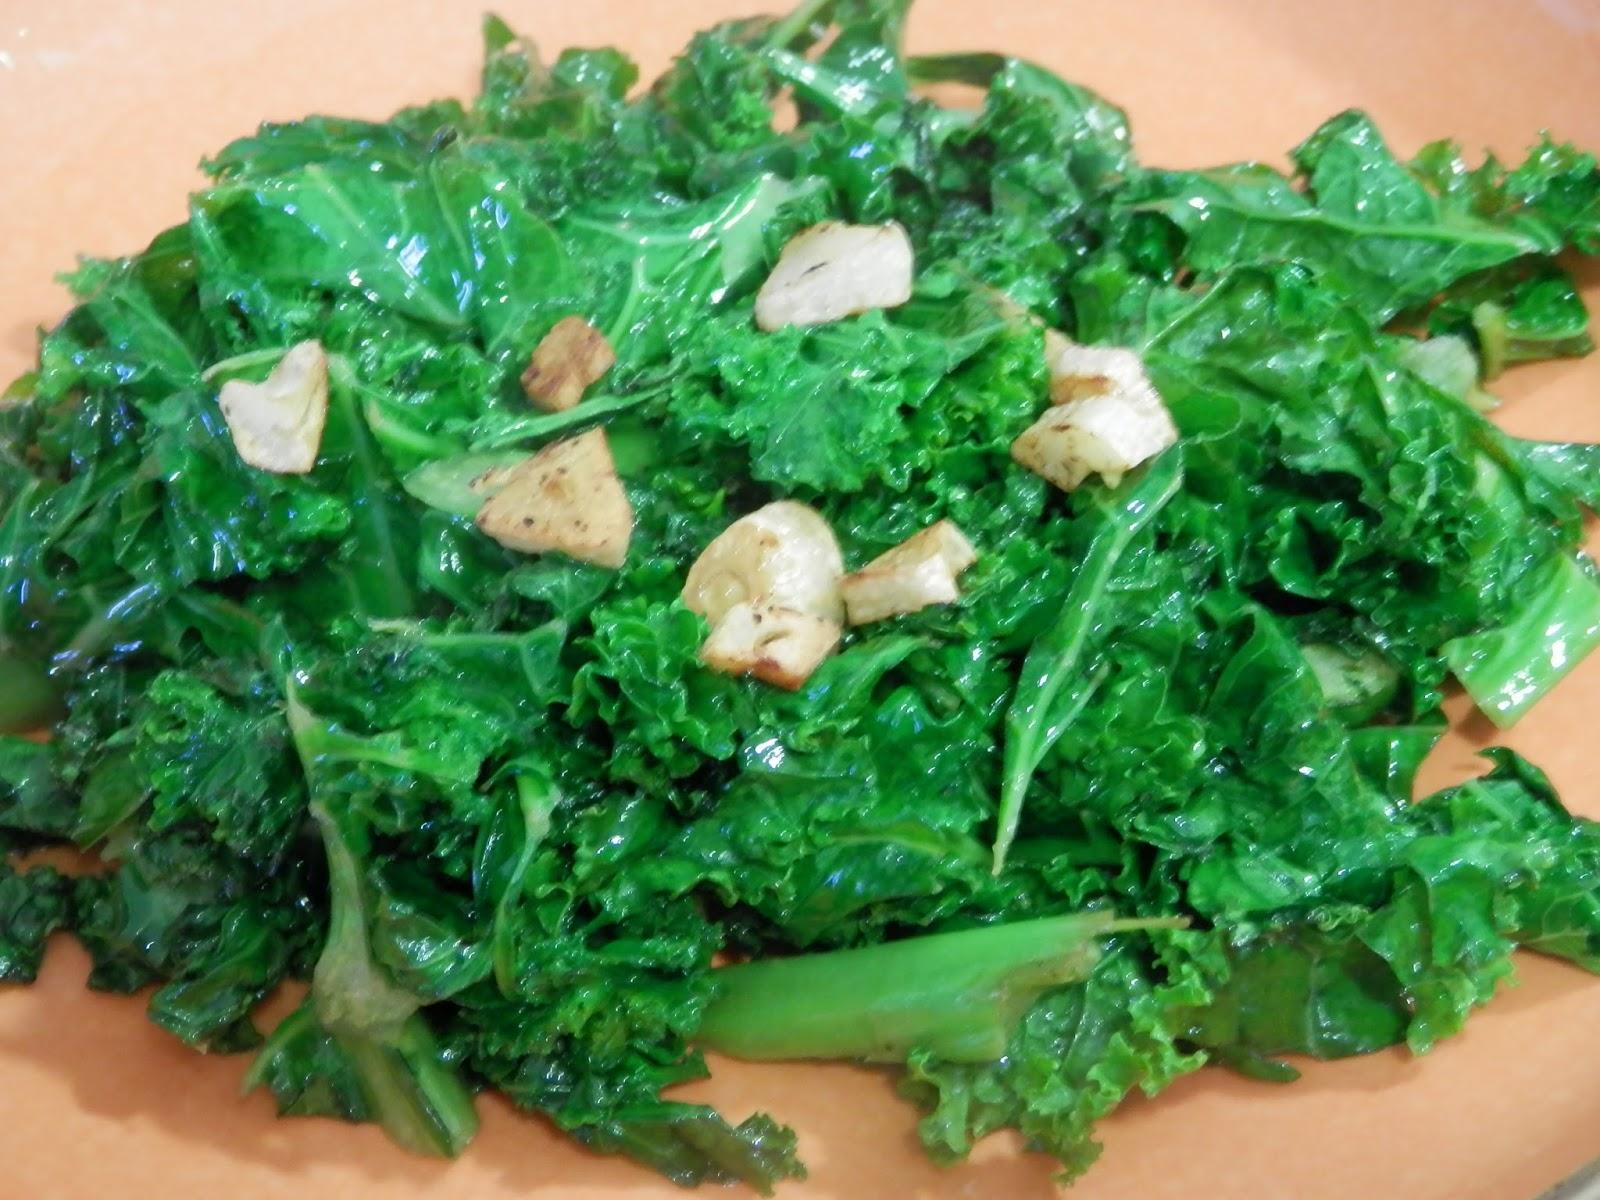 Kale al ajillo la receta m s f cil de cocinar kale for Cocinar kale sarten